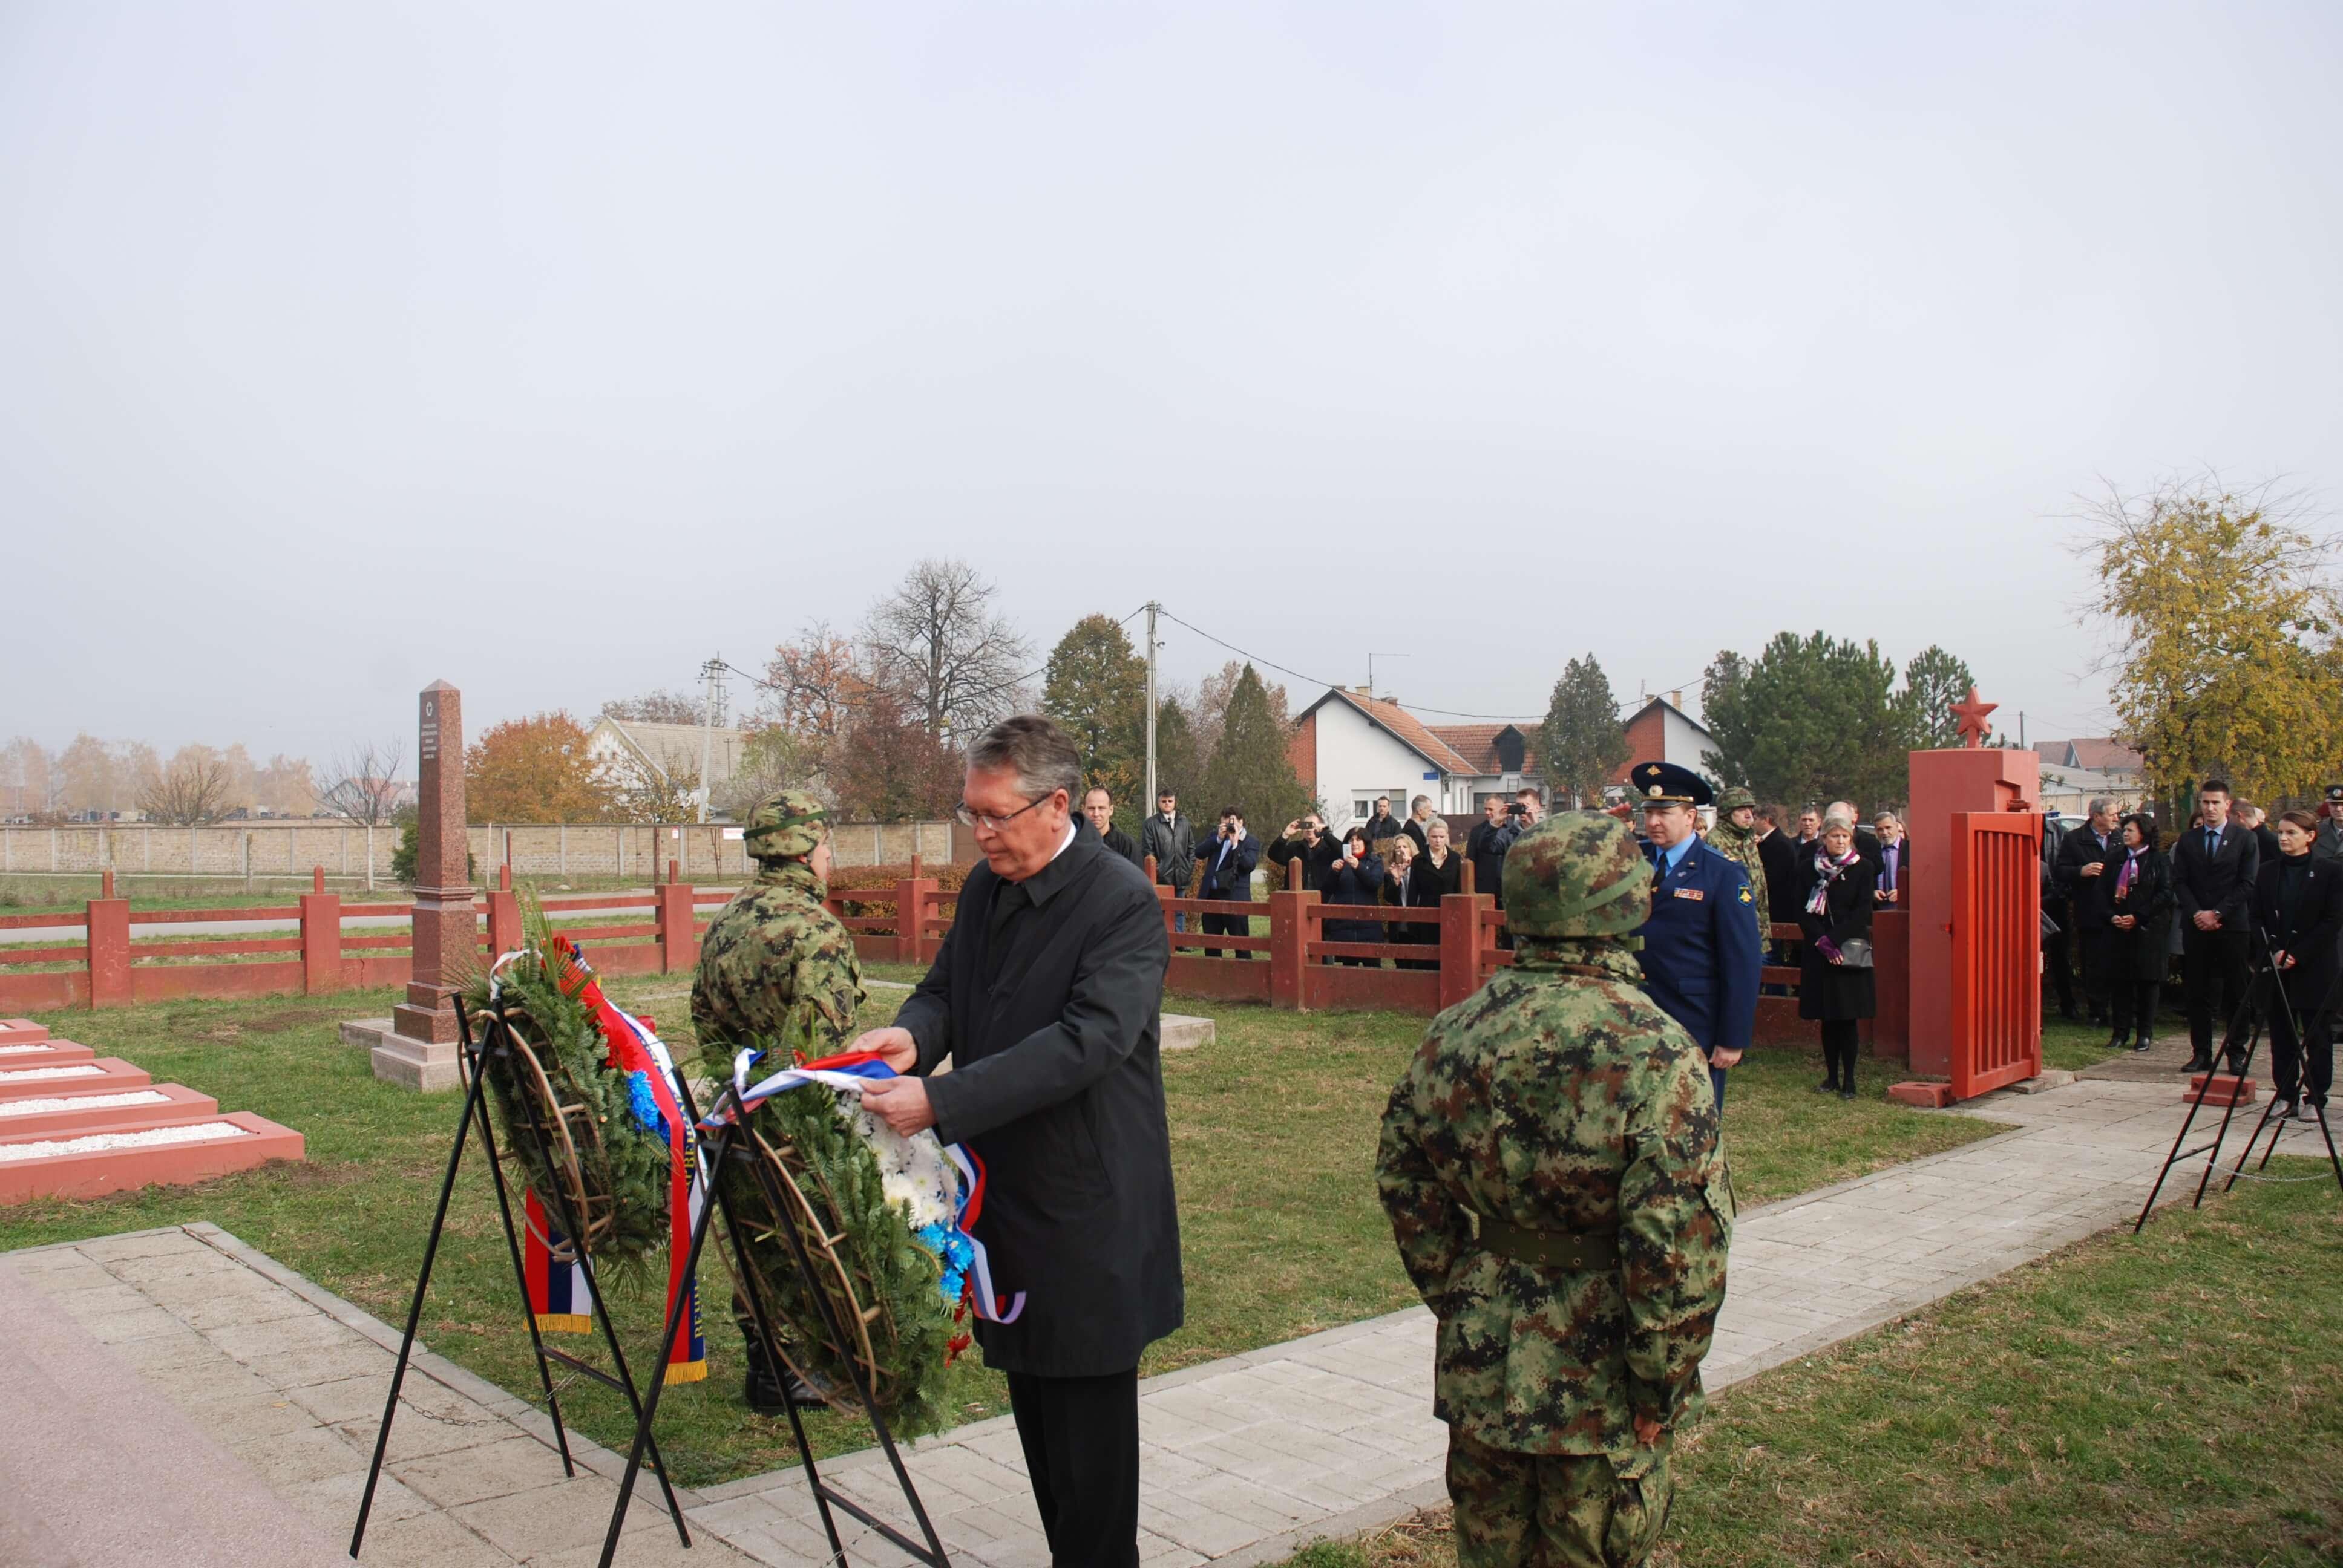 Њ.Е. Чепурин, амбасадор Русије, положћио је цвеће на споменик партизанима, а потом црвеноармејцима